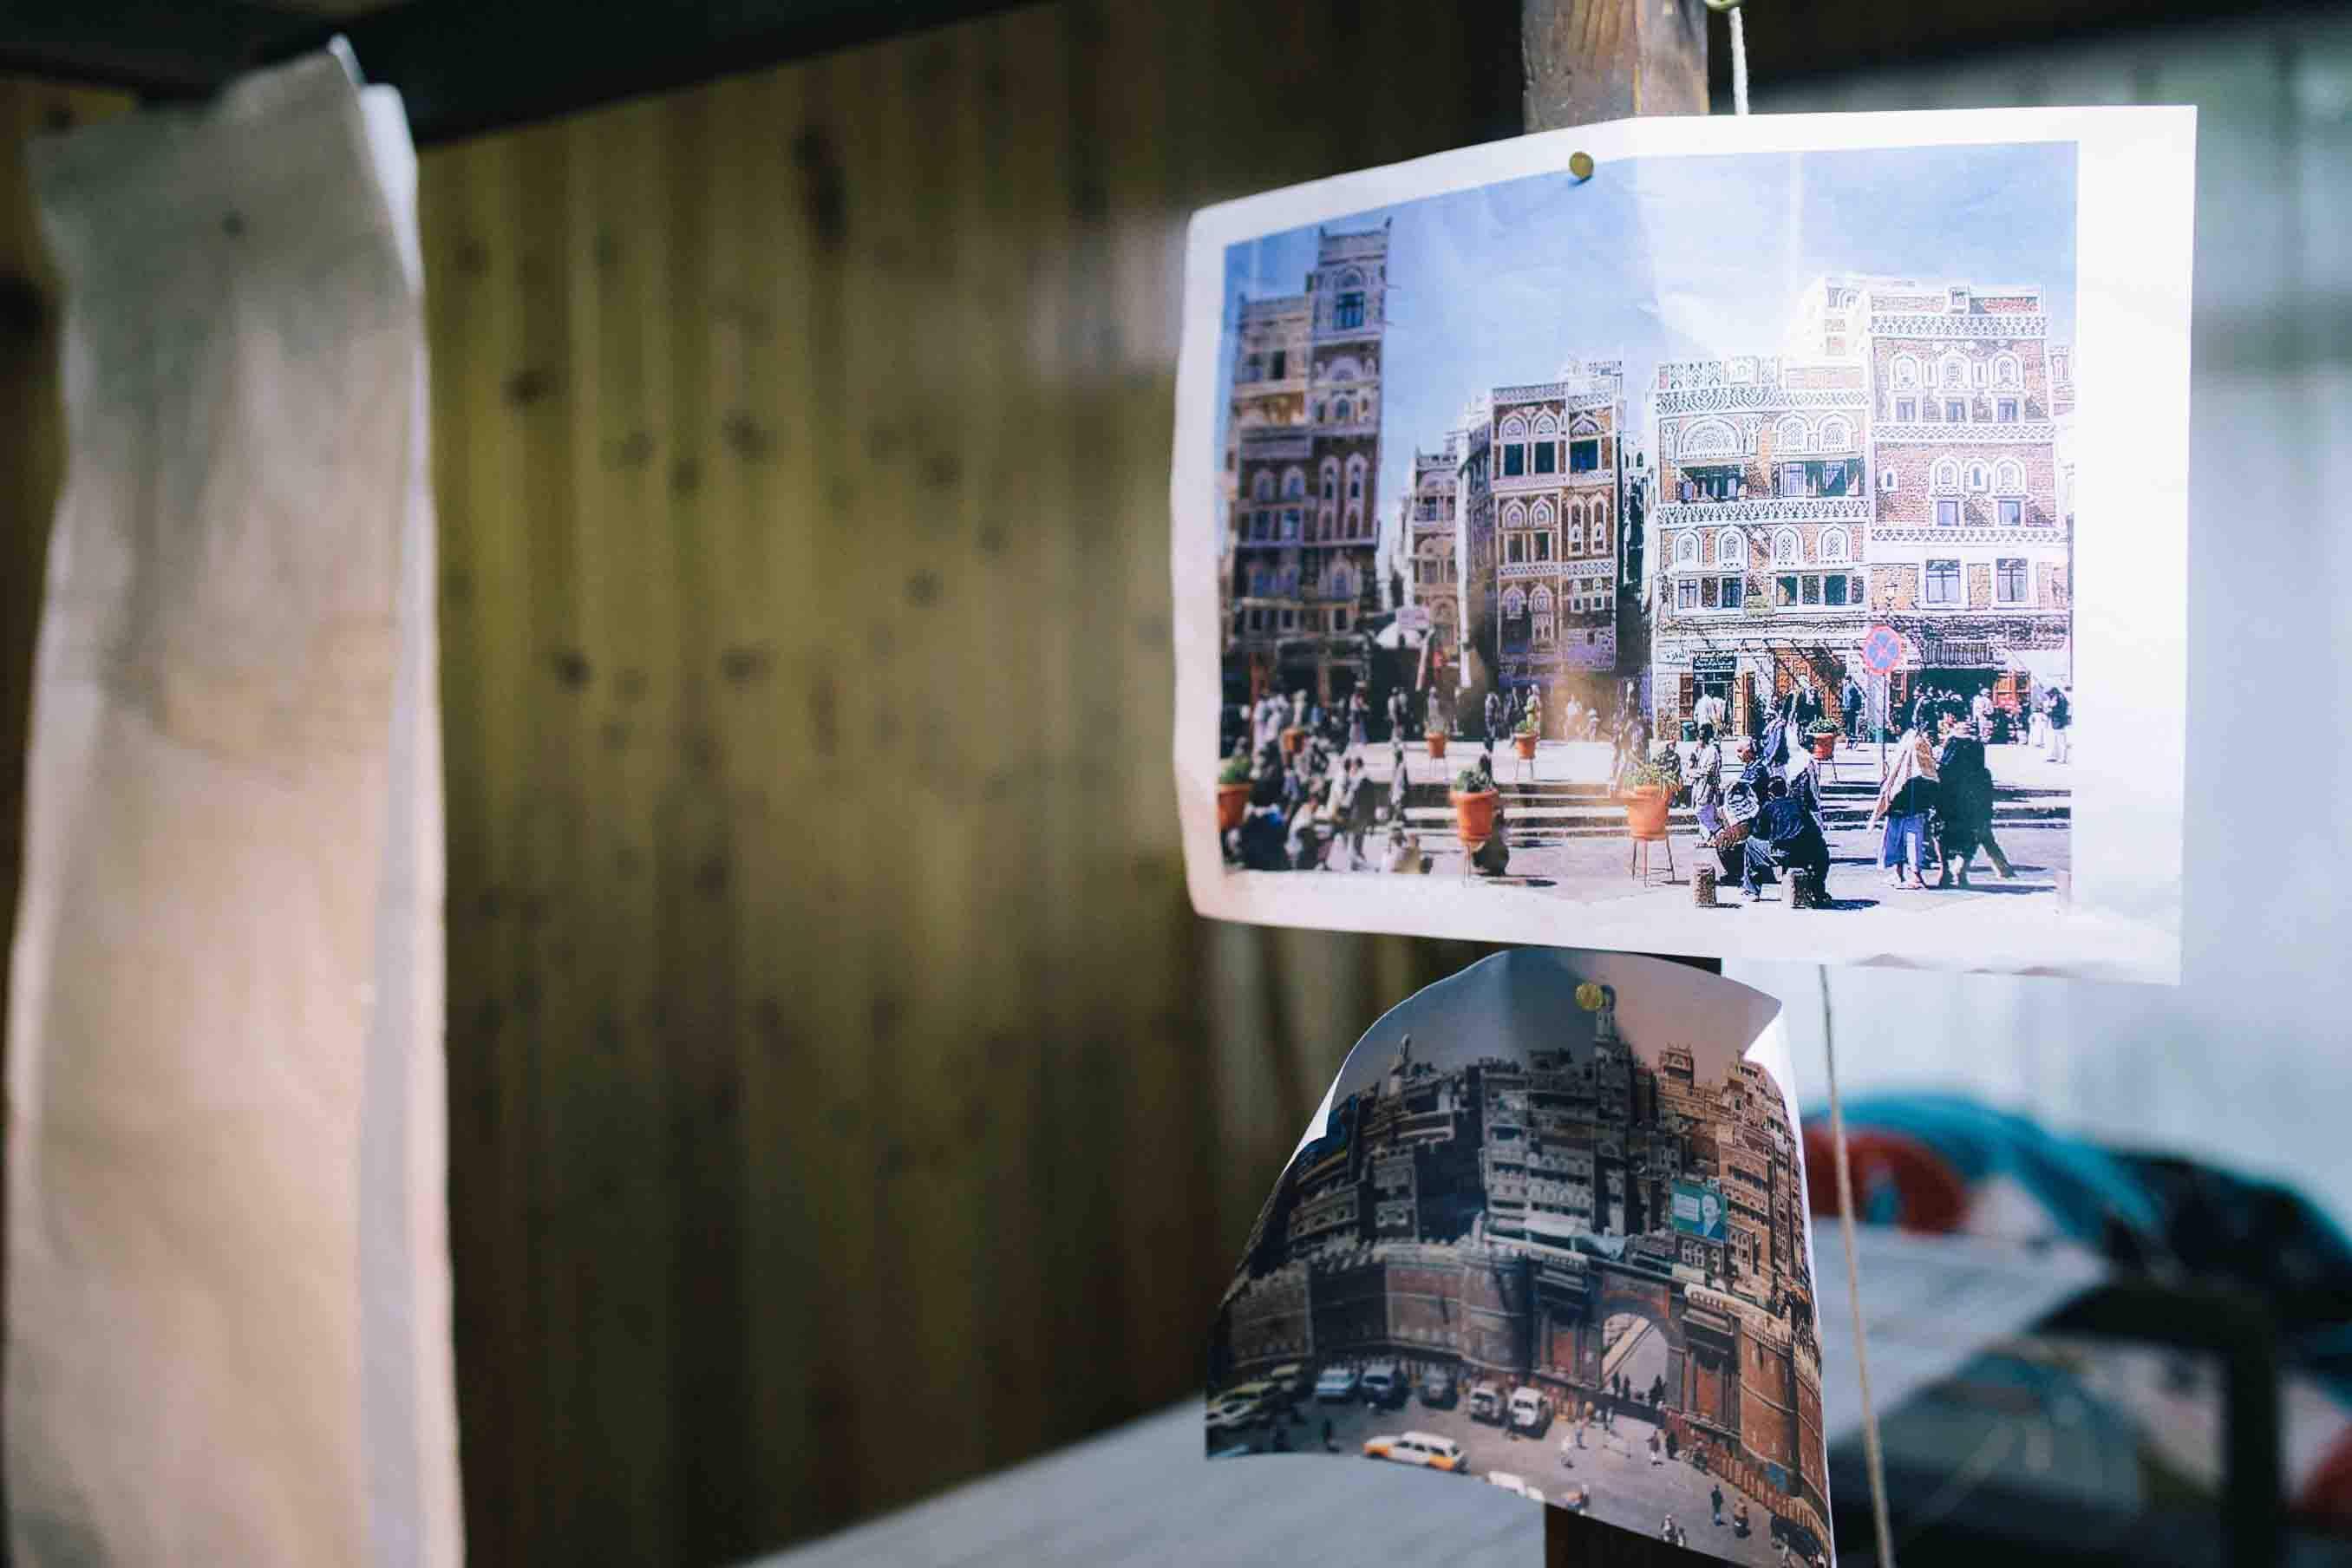 イエメン大使館から提供されたイエメンの街並みの写真は織機の柱に貼られていました